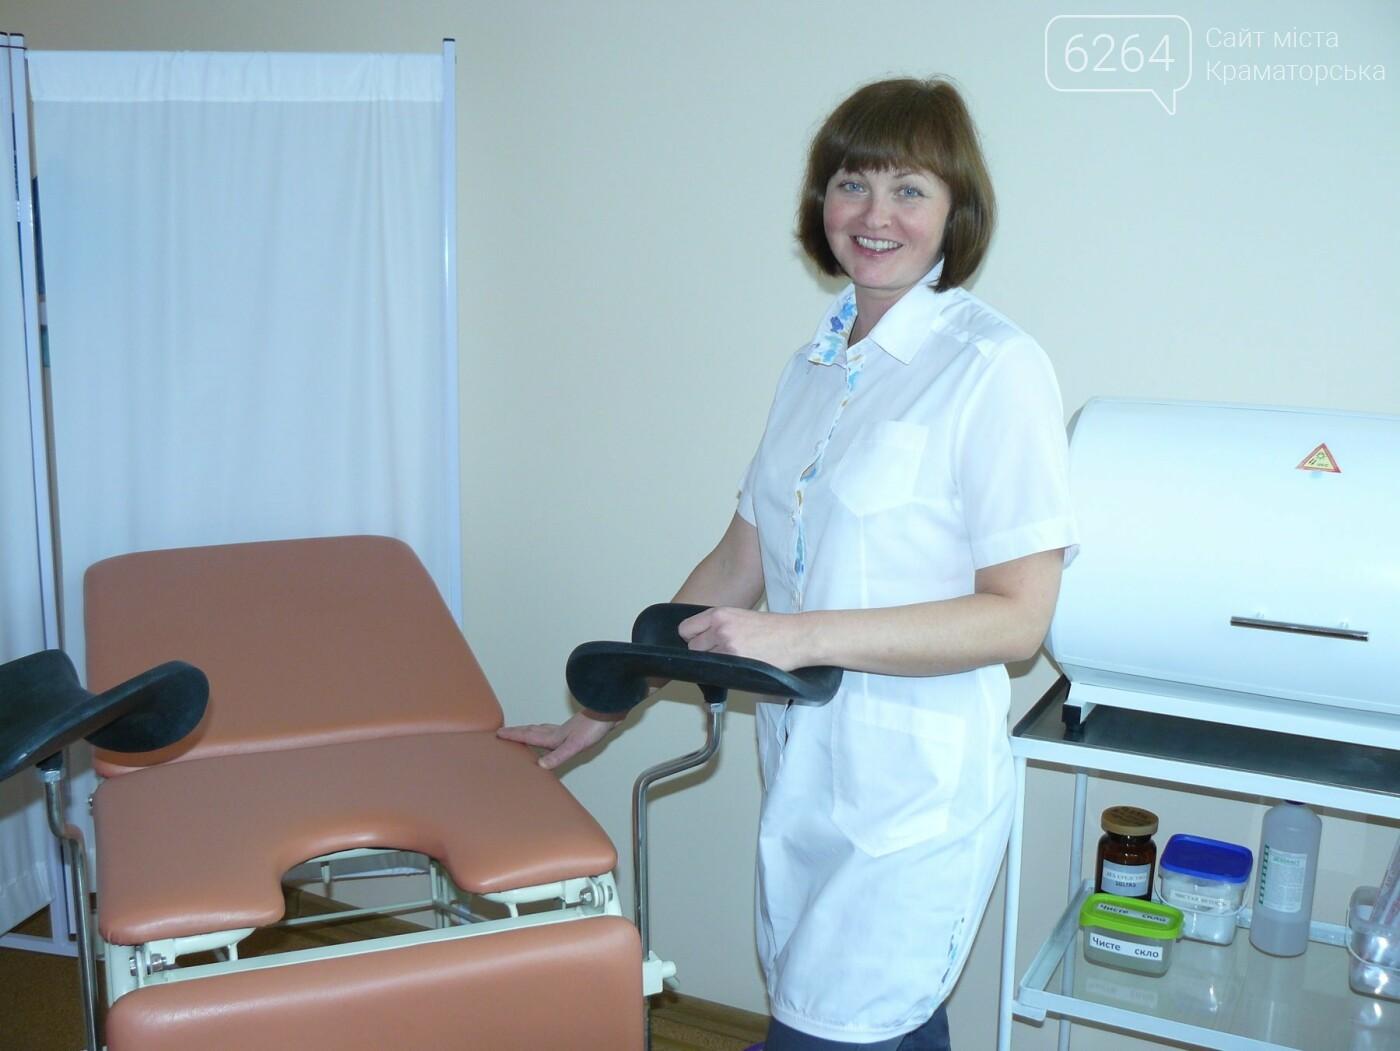 Медики Краматорска рассказали, как предотвратить рак груди на «первичке», фото-2